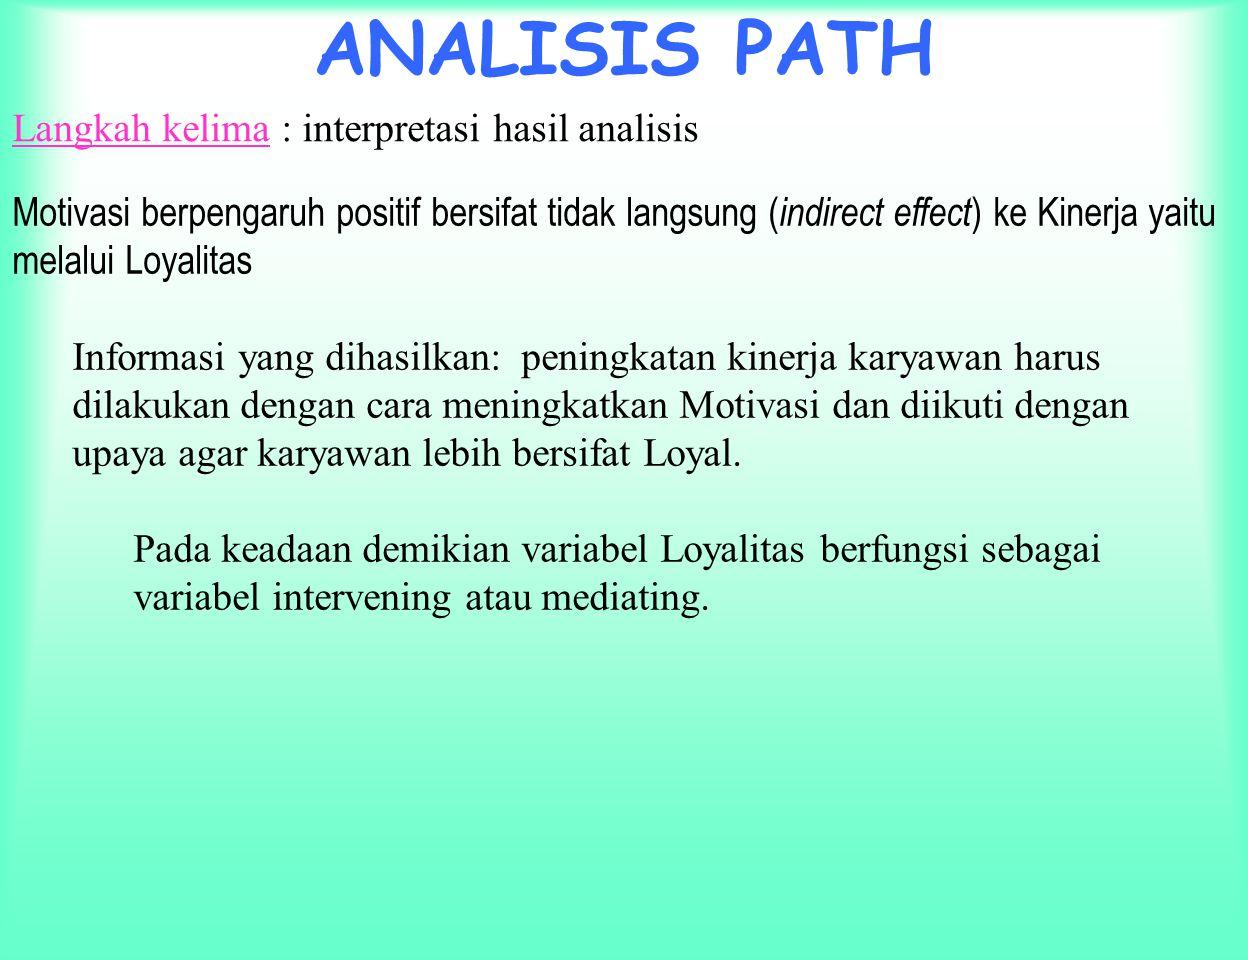 ANALISIS PATH Langkah kelima : interpretasi hasil analisis Koefisien determinasi total, diperoleh bahwa model dapat menjelaskan informasi yang terkand